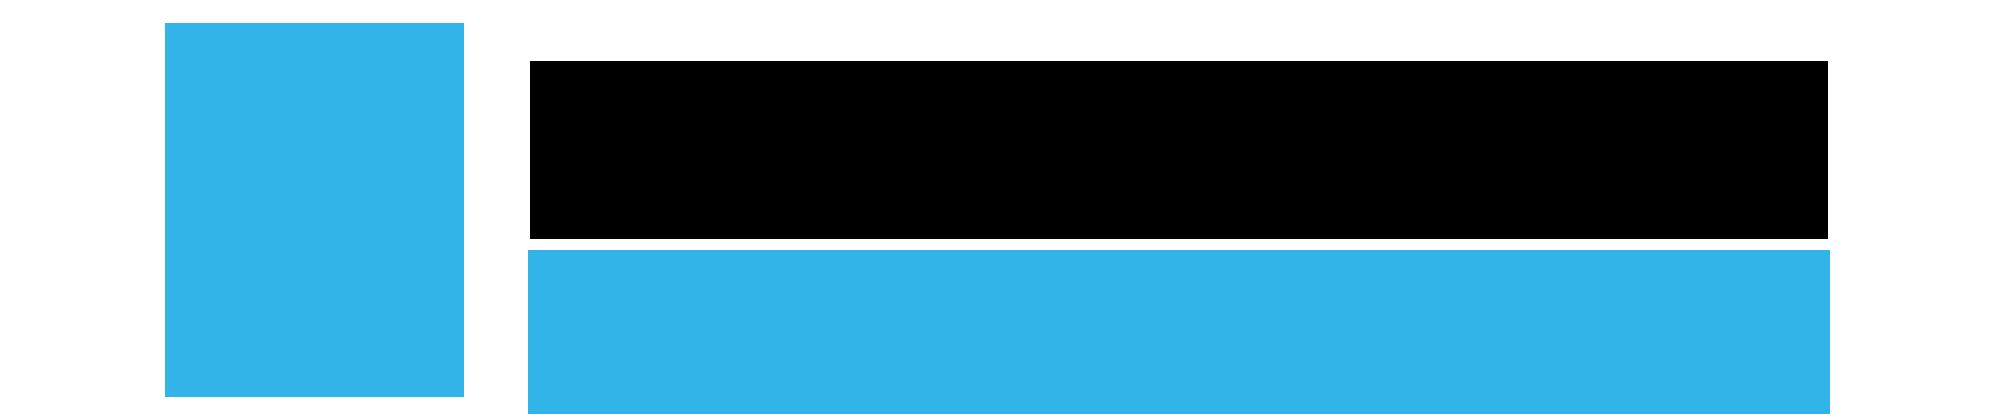 logo-powerpeers